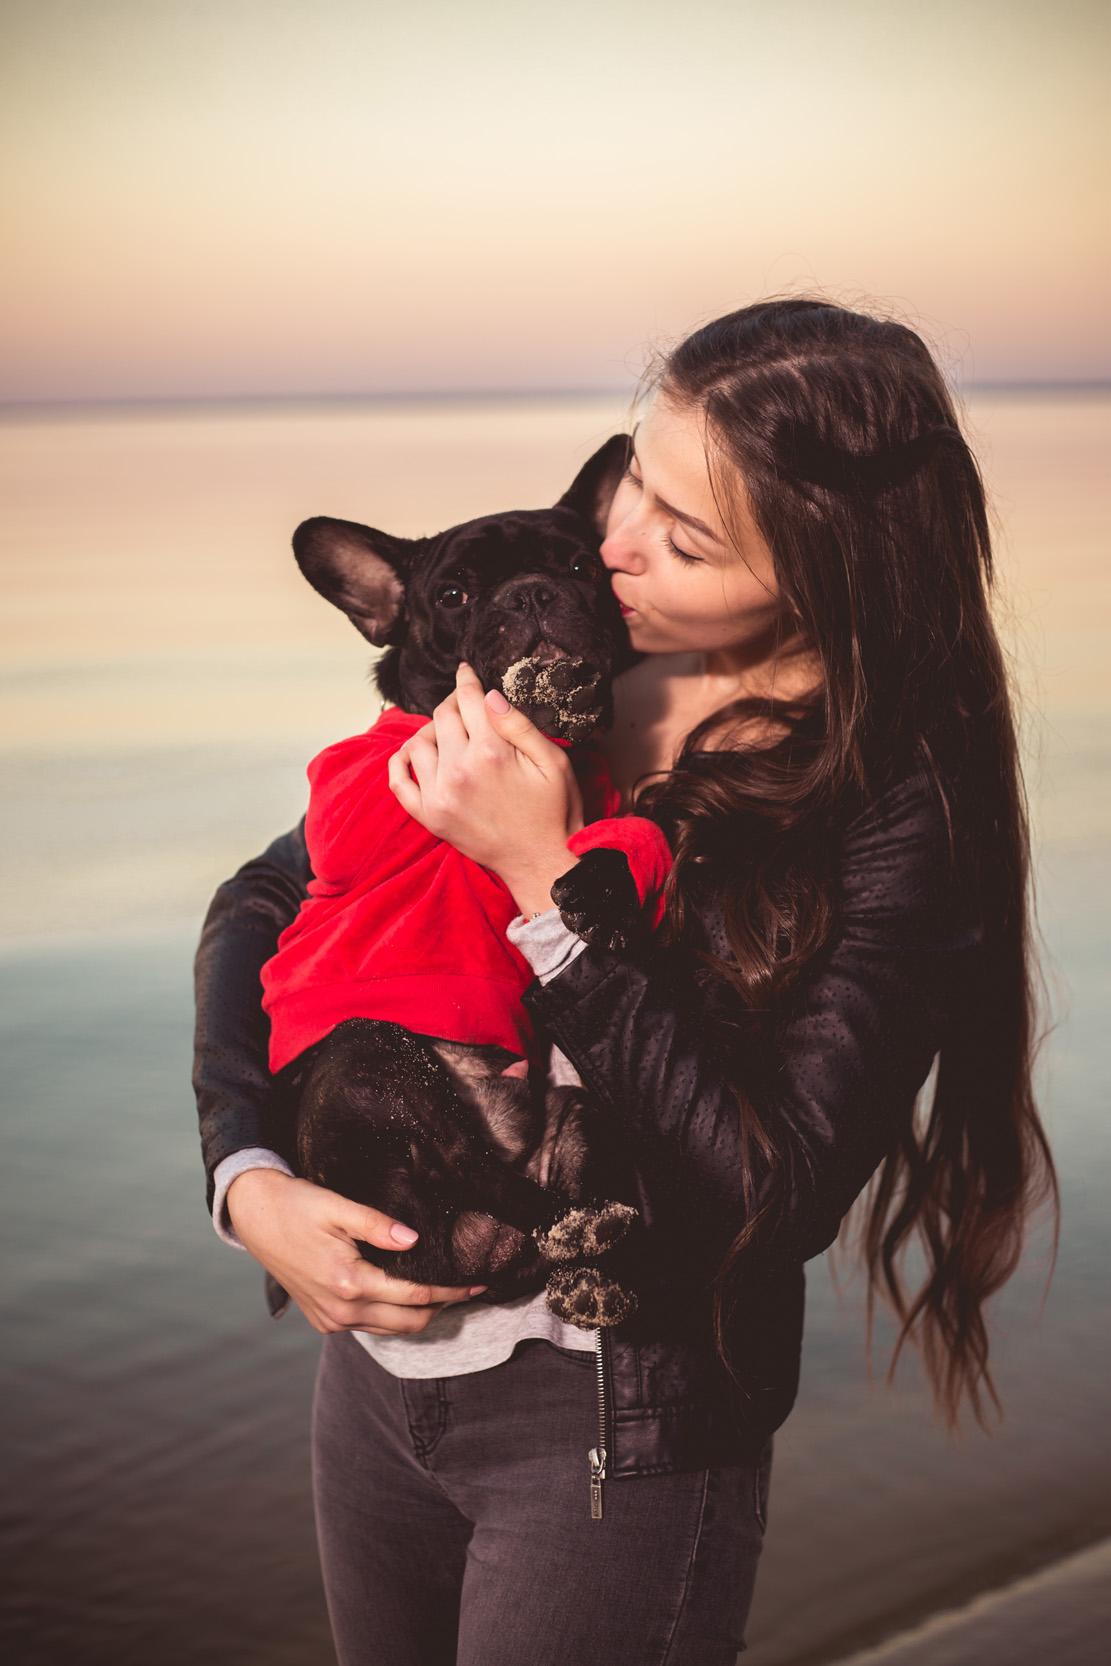 девушка с французким бульдогом, фотосессия с собакой, девушка с собакой